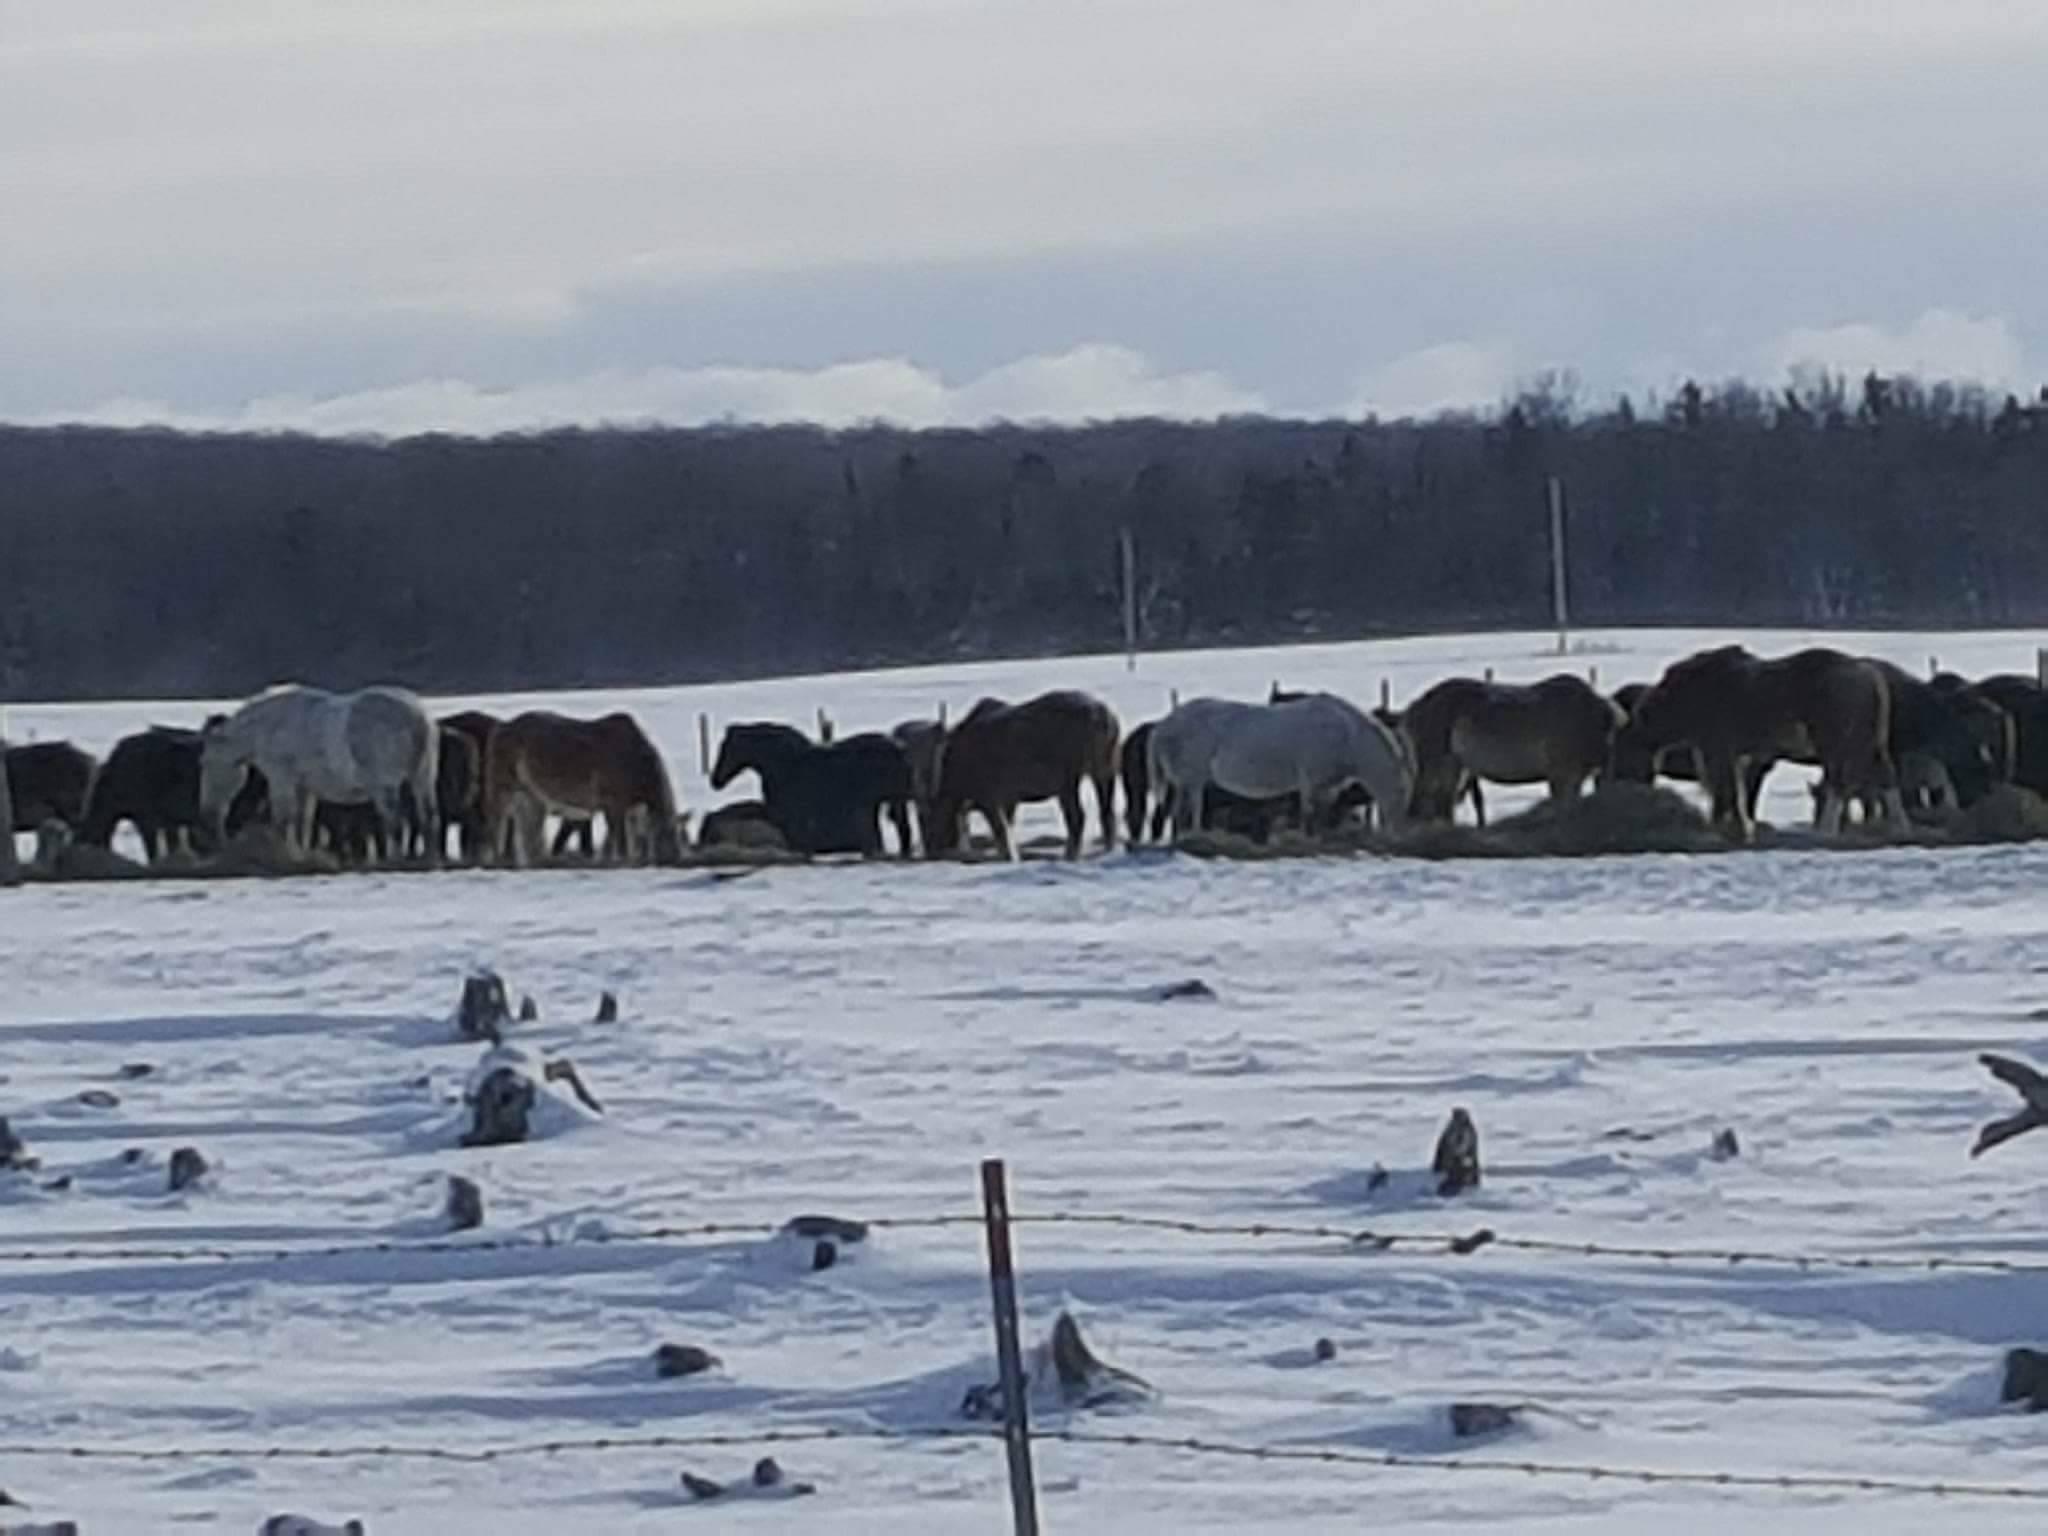 Download Wallpaper Horse Snow - 2017-mackinac-horses-jan-2017-2  You Should Have_628821.jpg?w\u003d2048\u0026h\u003d1536